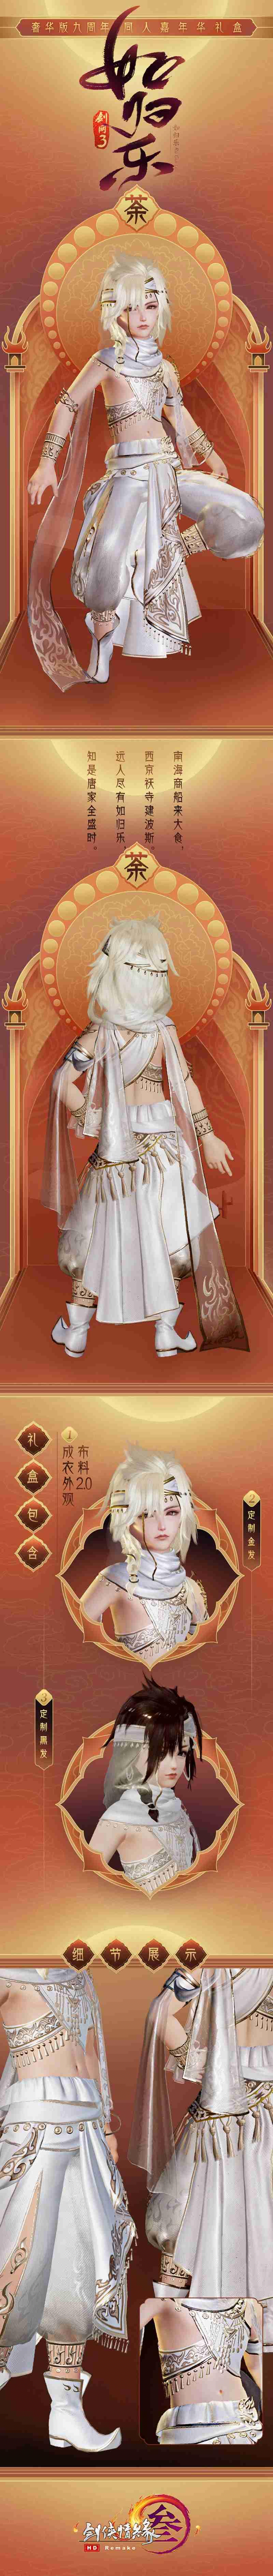 唯美异域风 《剑网3》九周年同人嘉年华礼盒上线